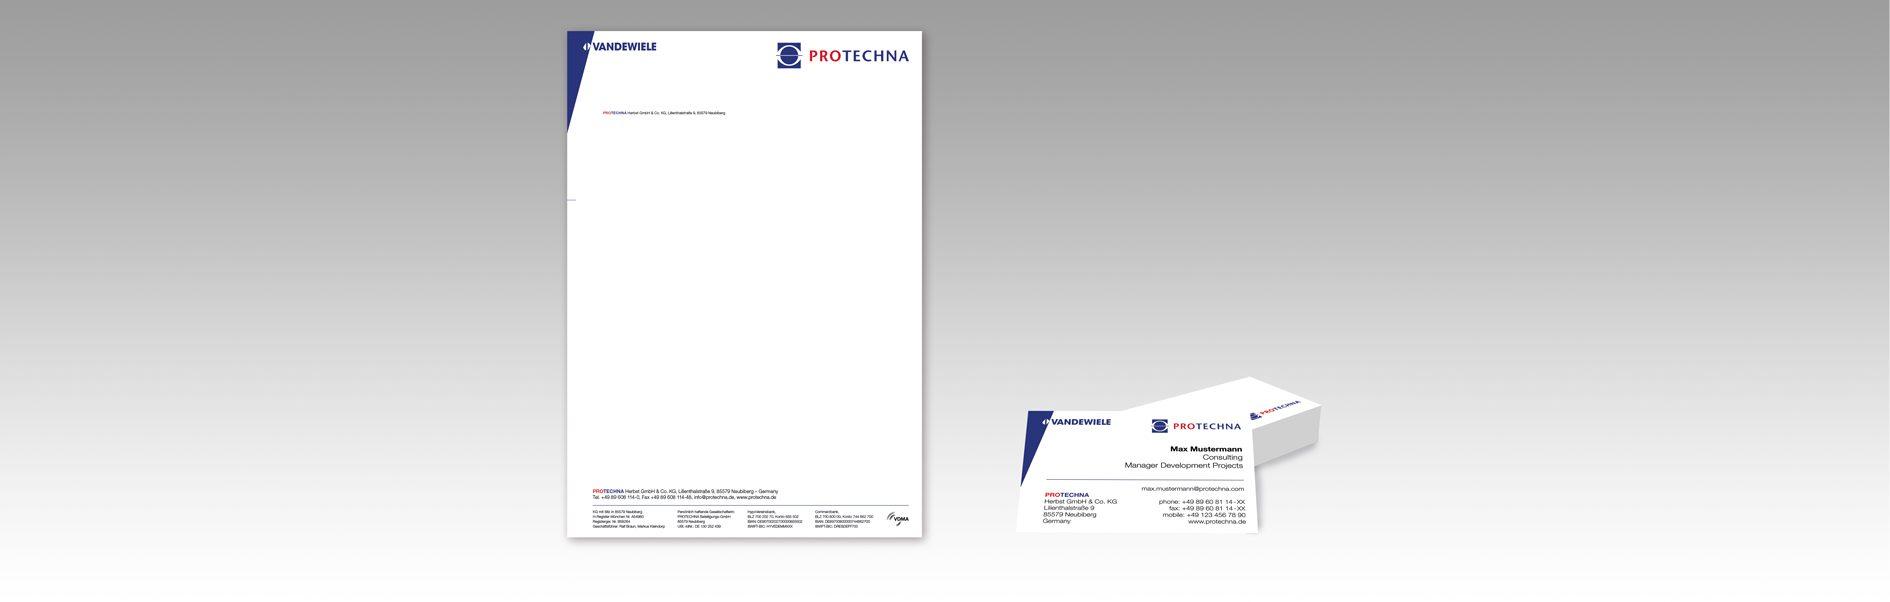 Hier ist die Geschäftsausstattung von Protechna abgebildet.